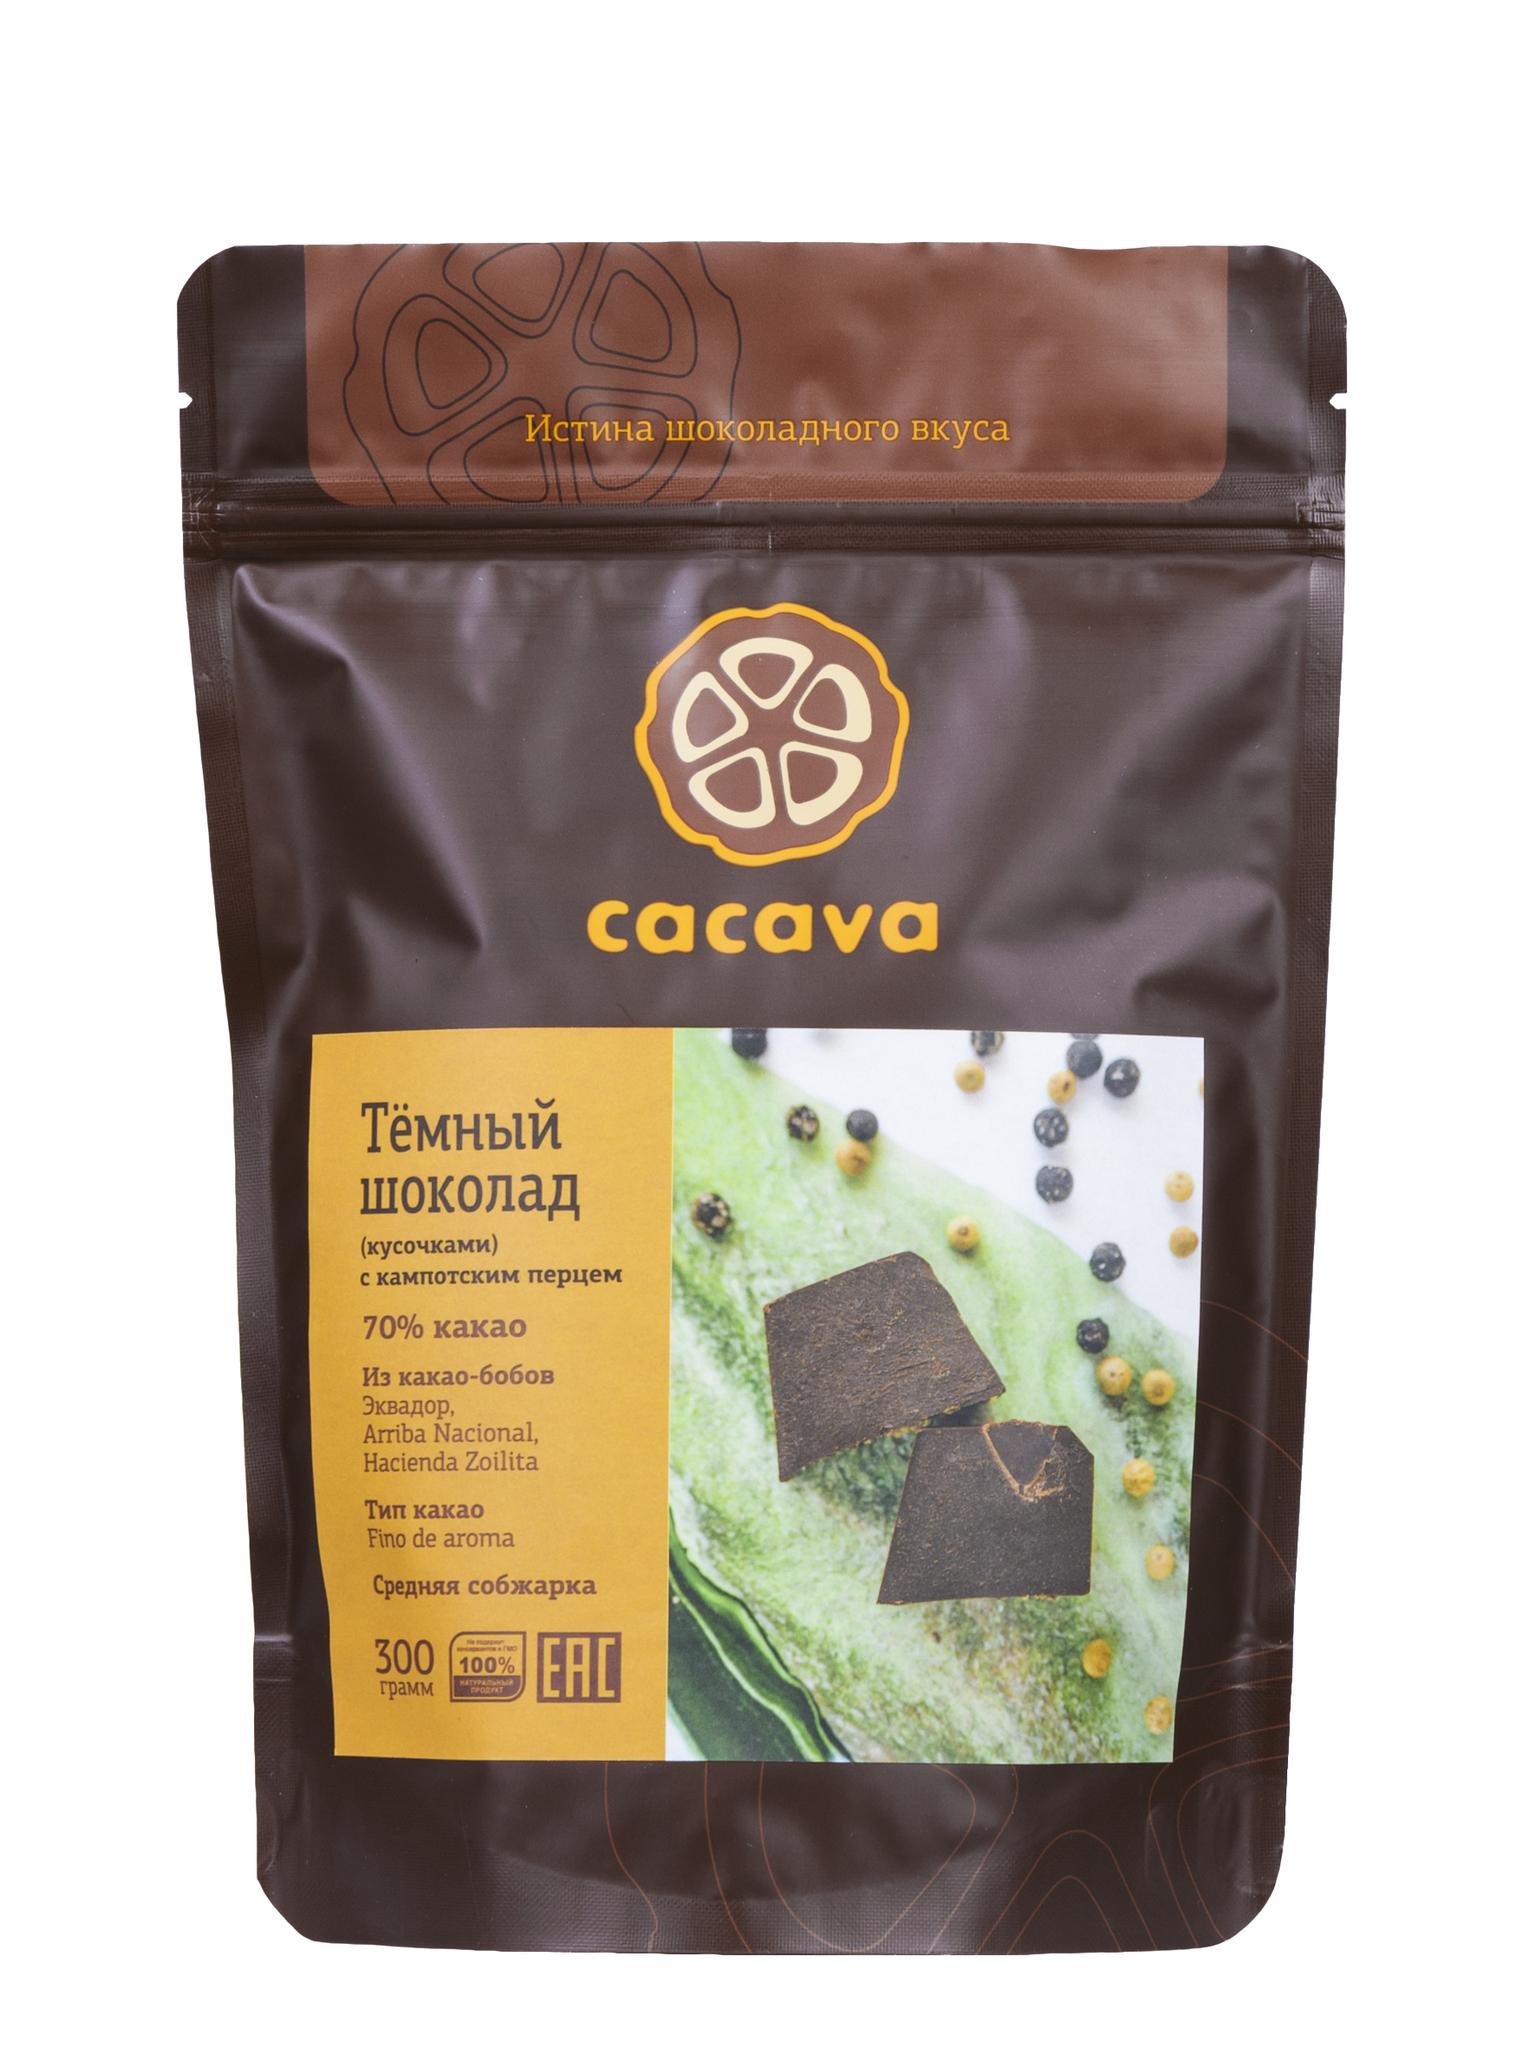 Тёмный шоколад с кампотским перцем, 70 % какао (Эквадор), упаковка 300 грамм